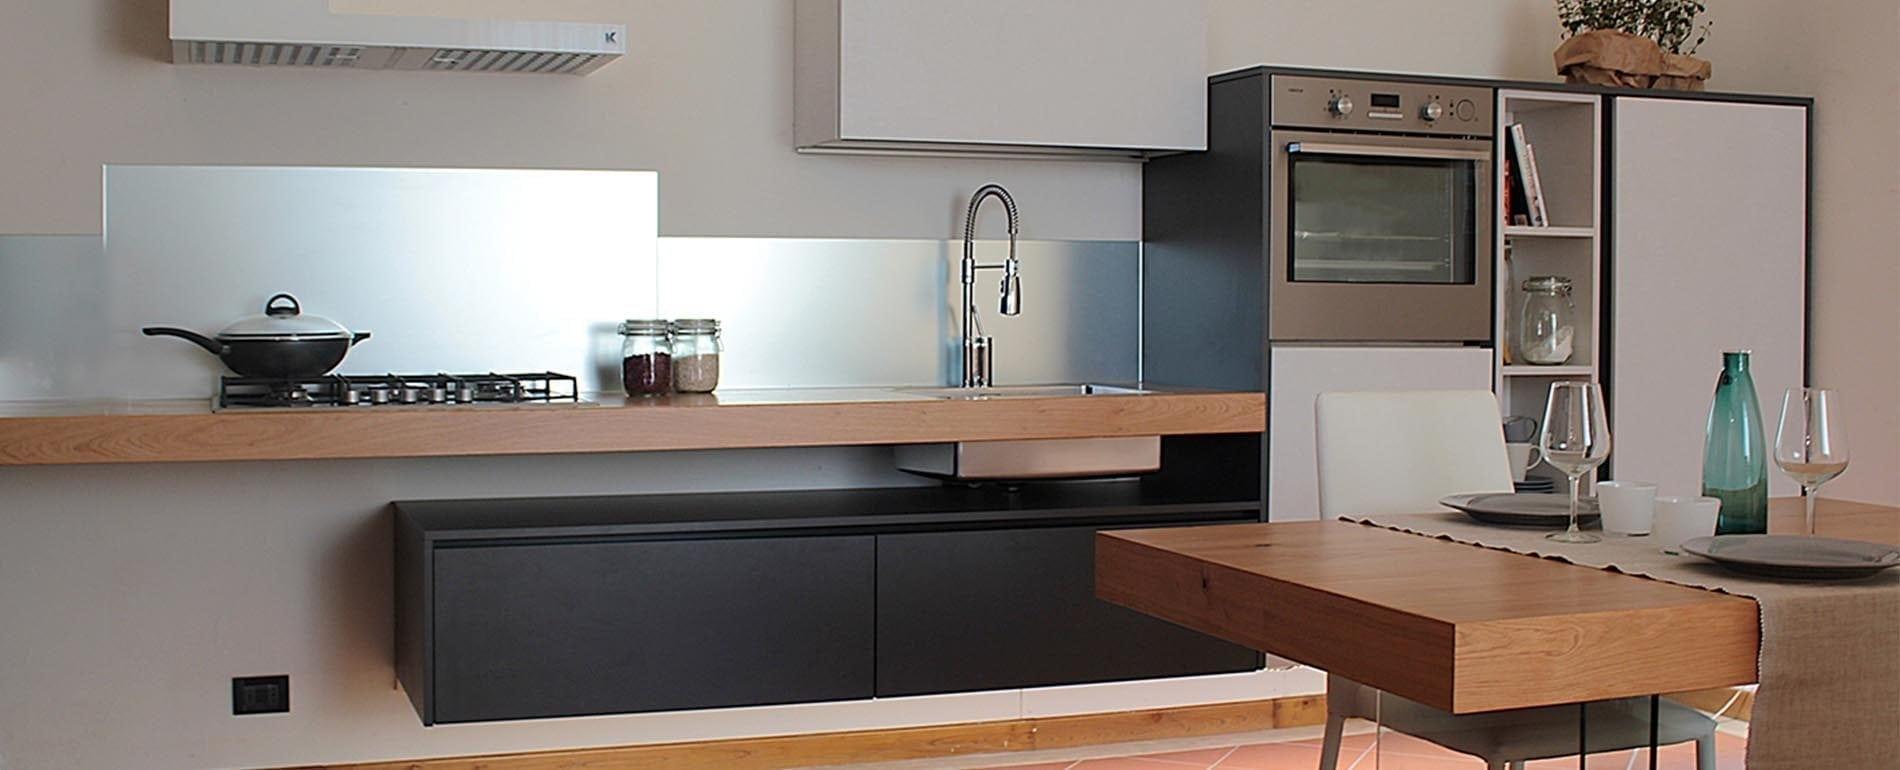 Mobili cucina su misura cucine su misura ad angolo with - Quanto costa una cucina su misura ...